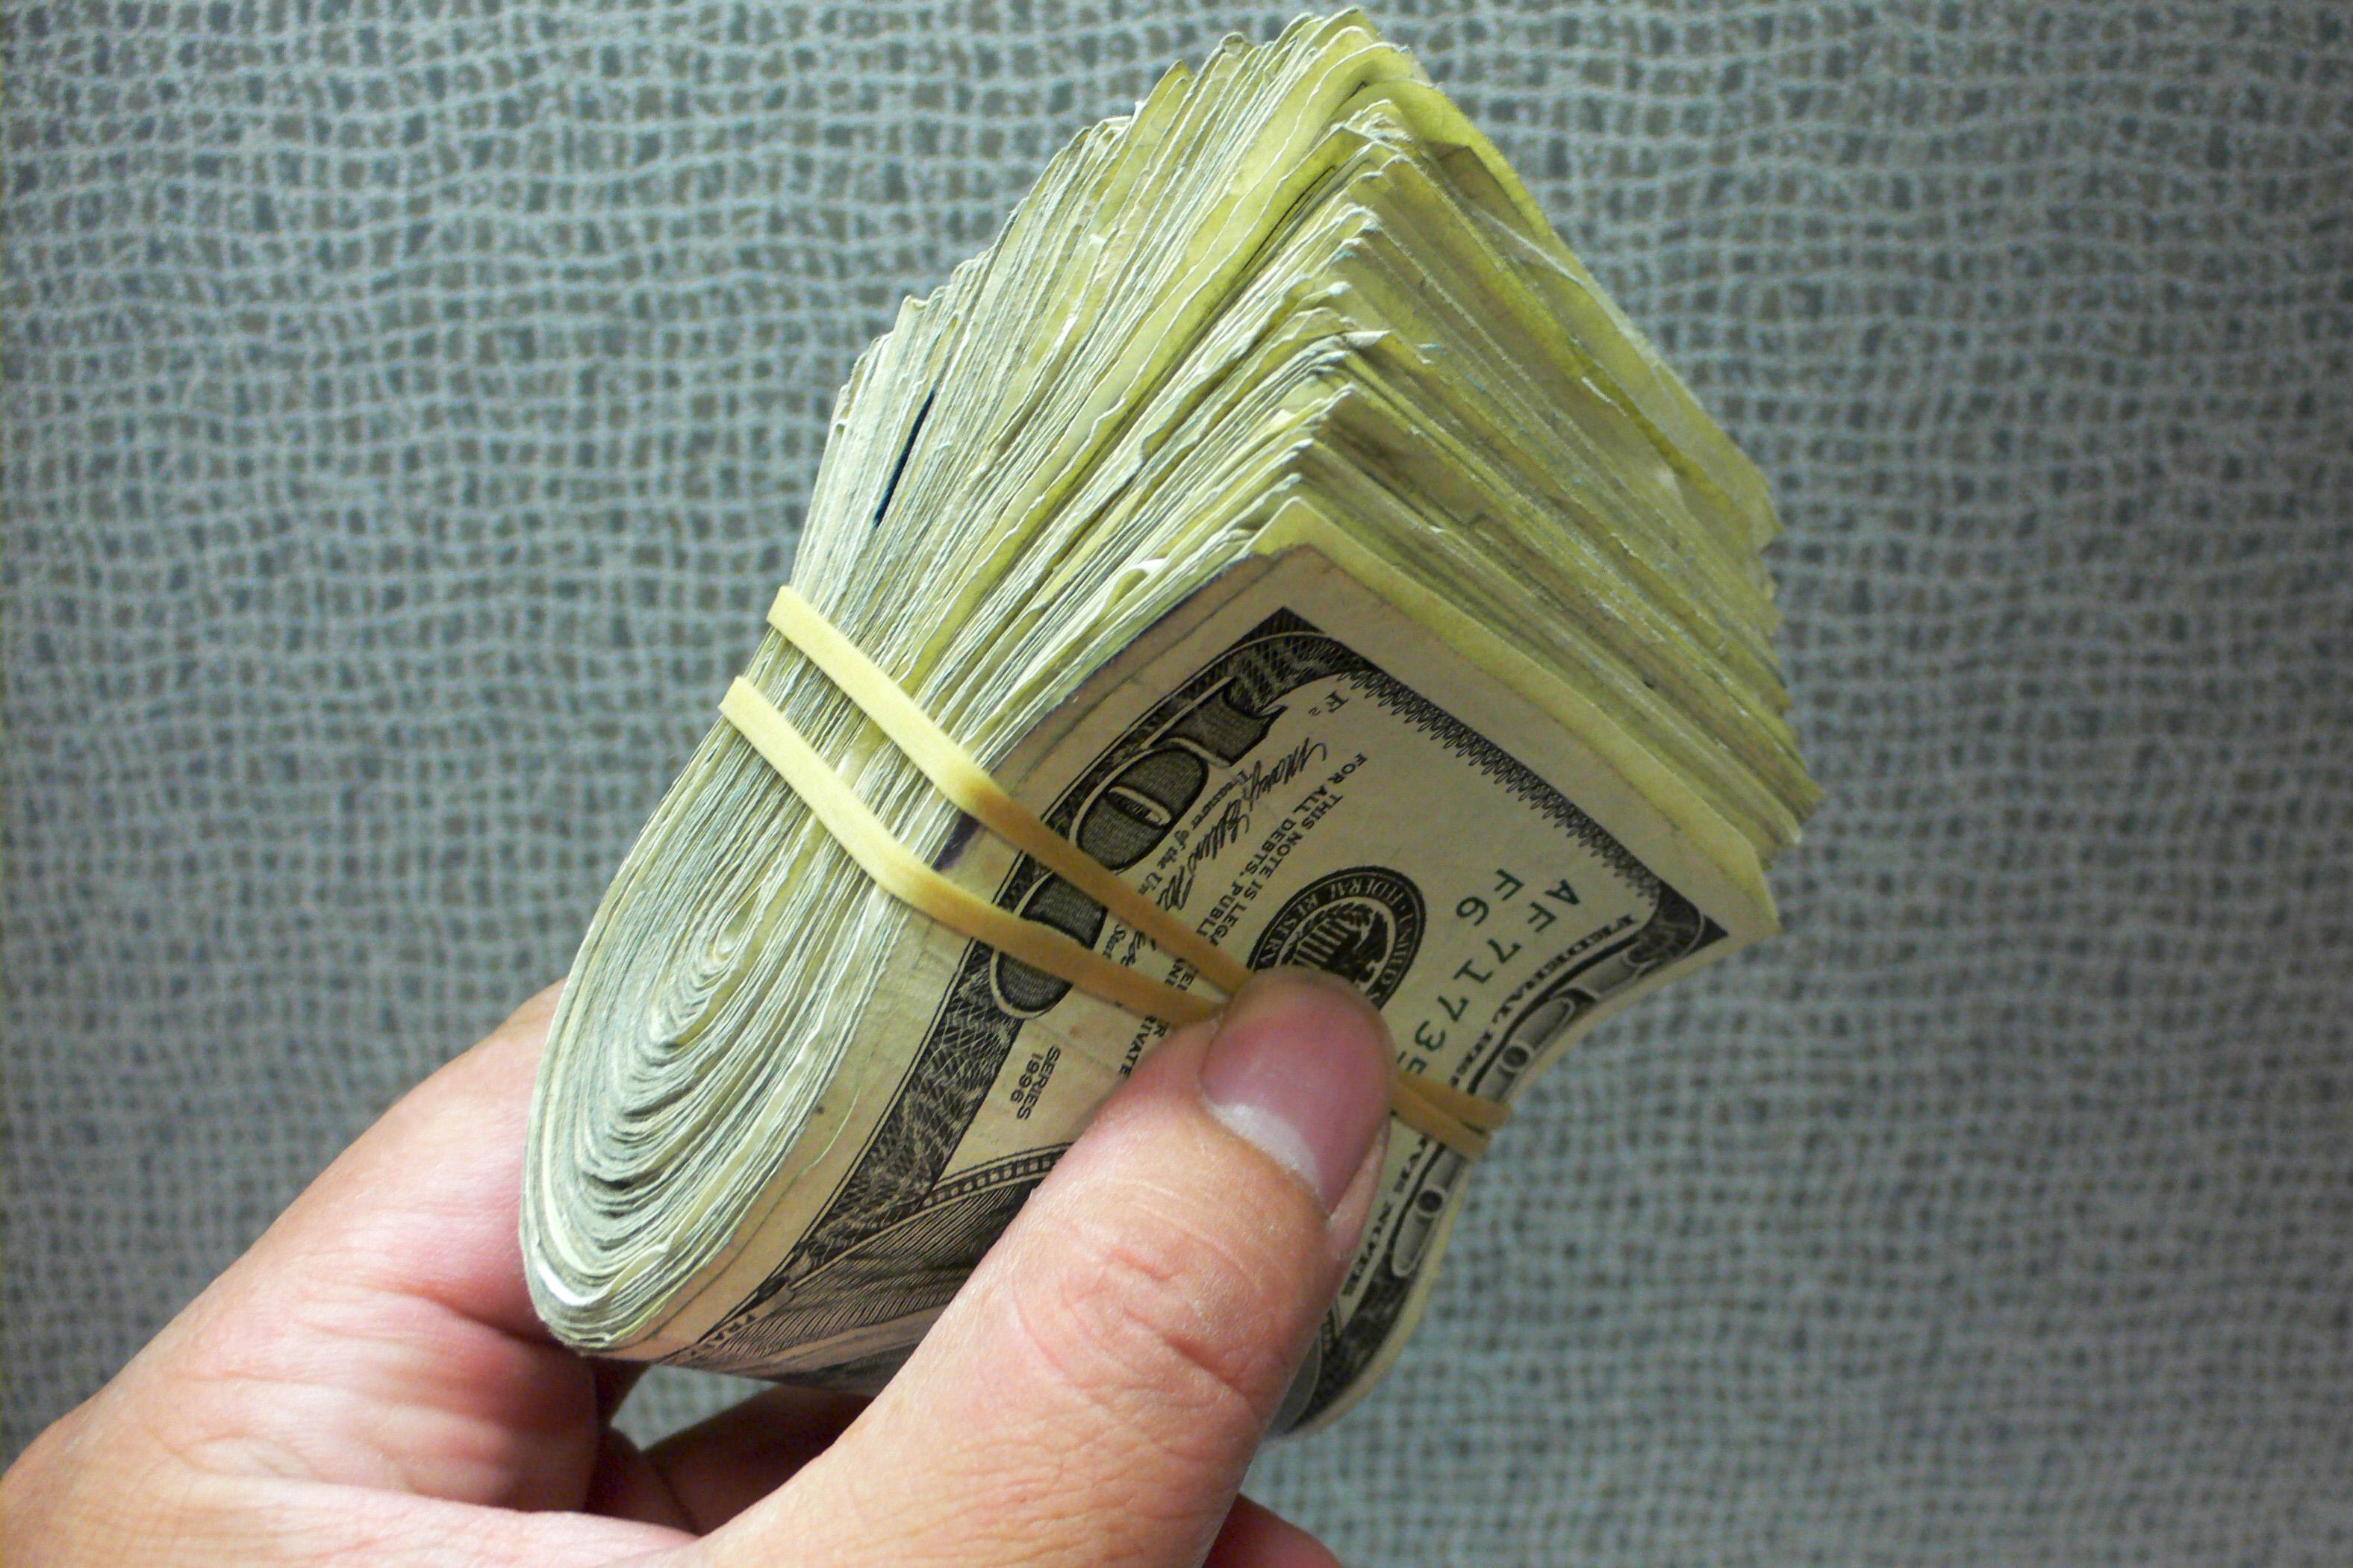 Пачка денег для статьи о денежном мышлнии.